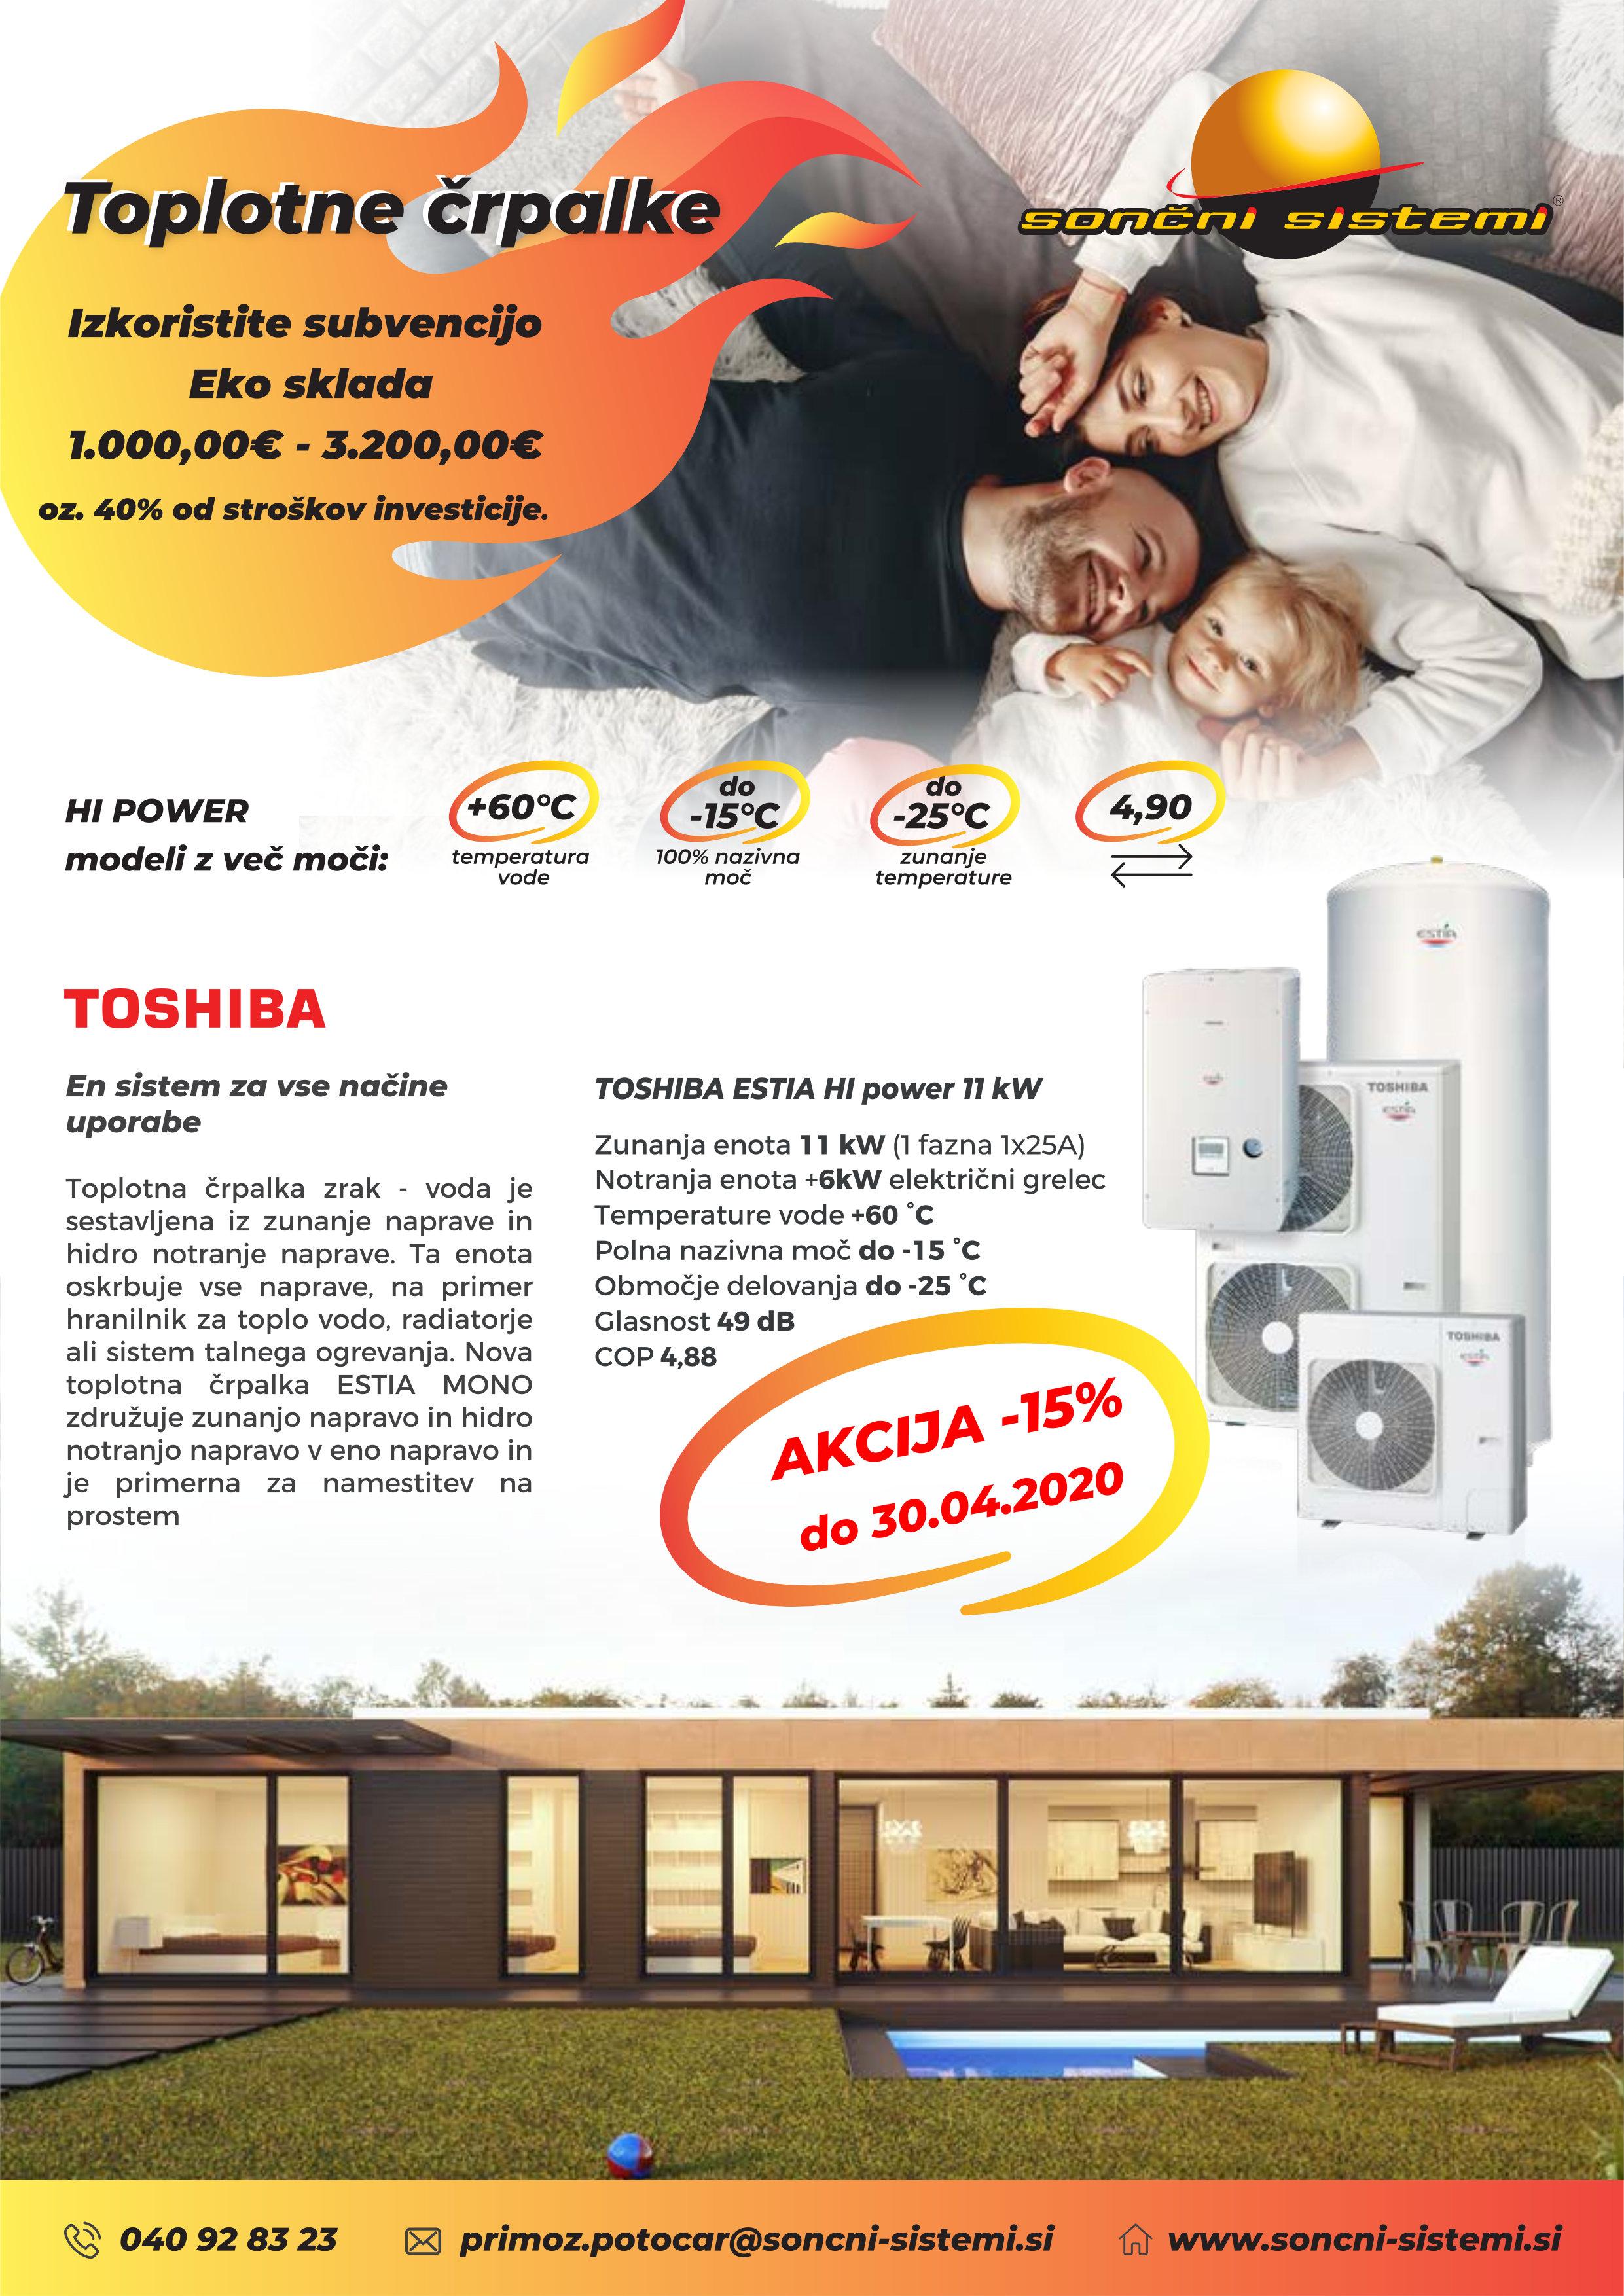 Toplotna_crpalka_11kW_TOSHIBA_HI_POWER